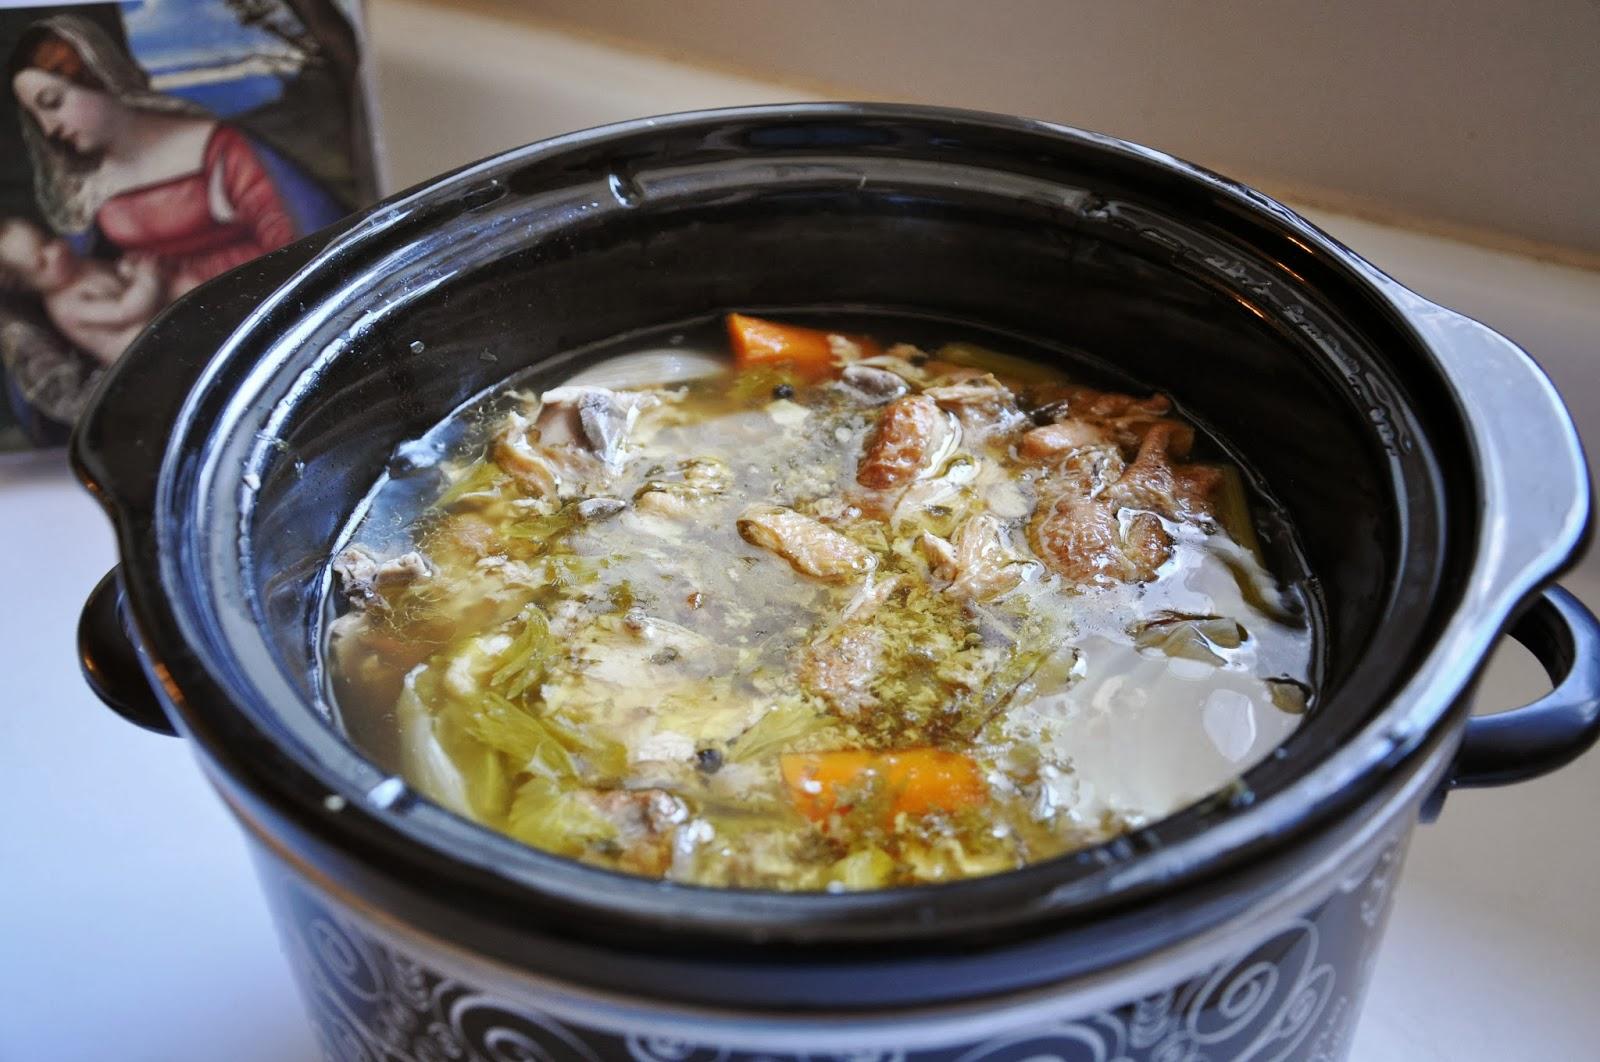 Waltzing Matilda: Slow Cooker Chicken Broth